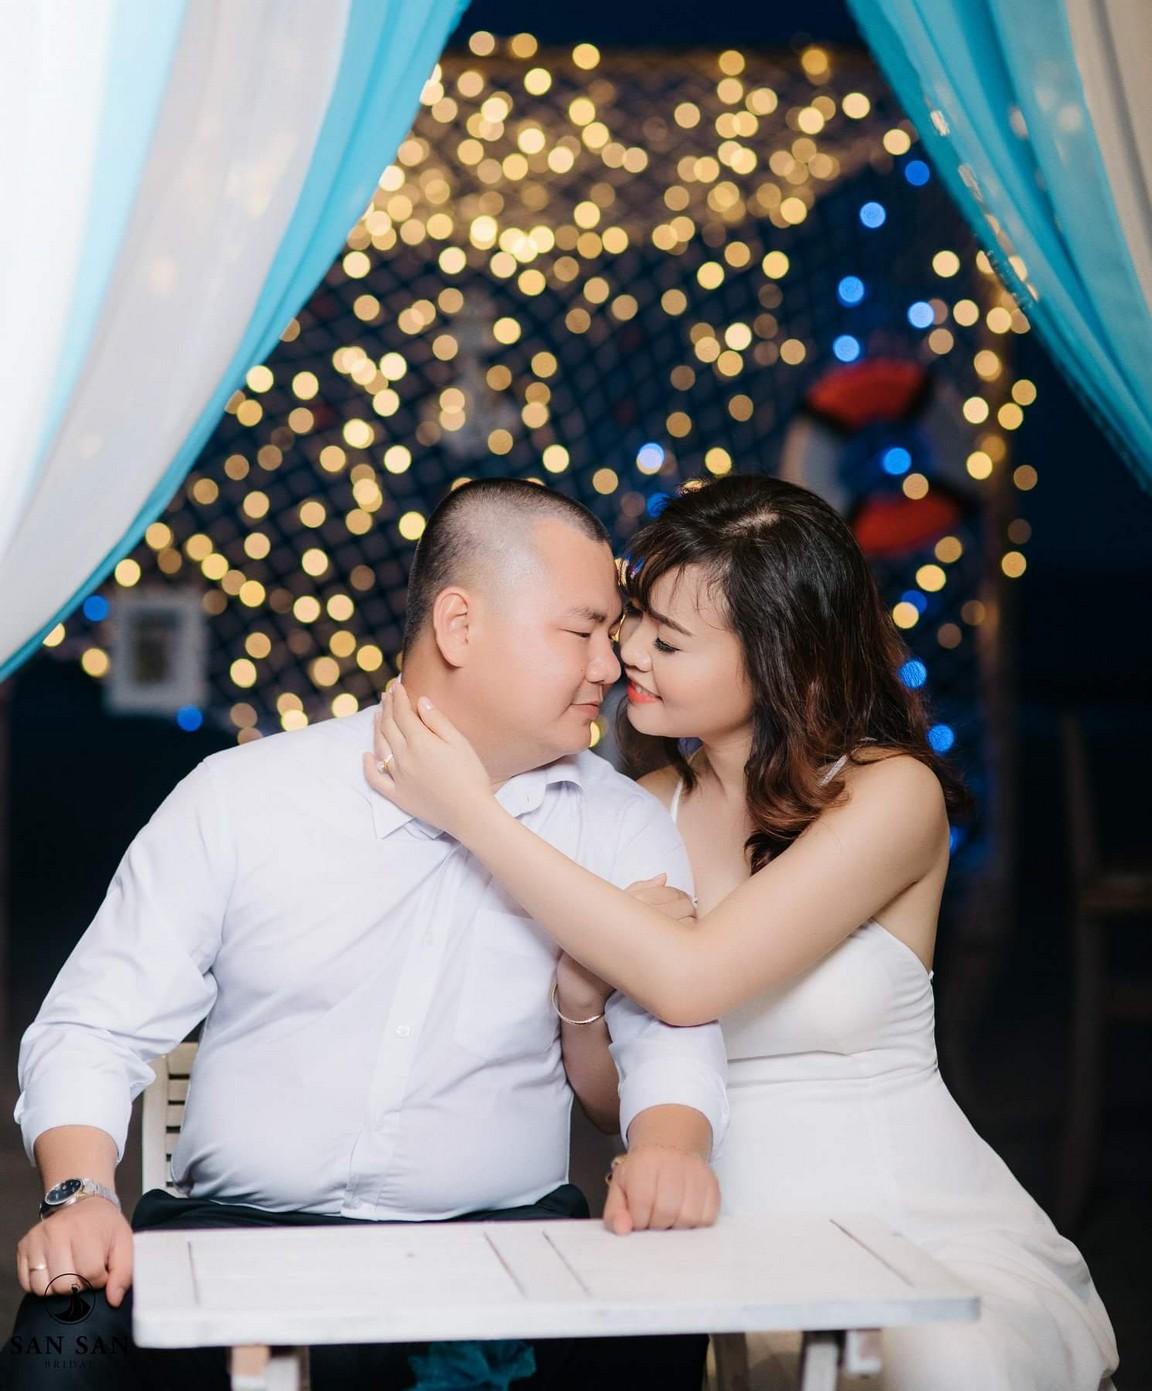 Nếu muốn bộ ảnh cưới của mình đặc biệt hơn, các bạn cũng có thể chụp ảnh cưới tại quán cafe vào ban đêm. Lúc này các quán cafe đã lên đèn, ...